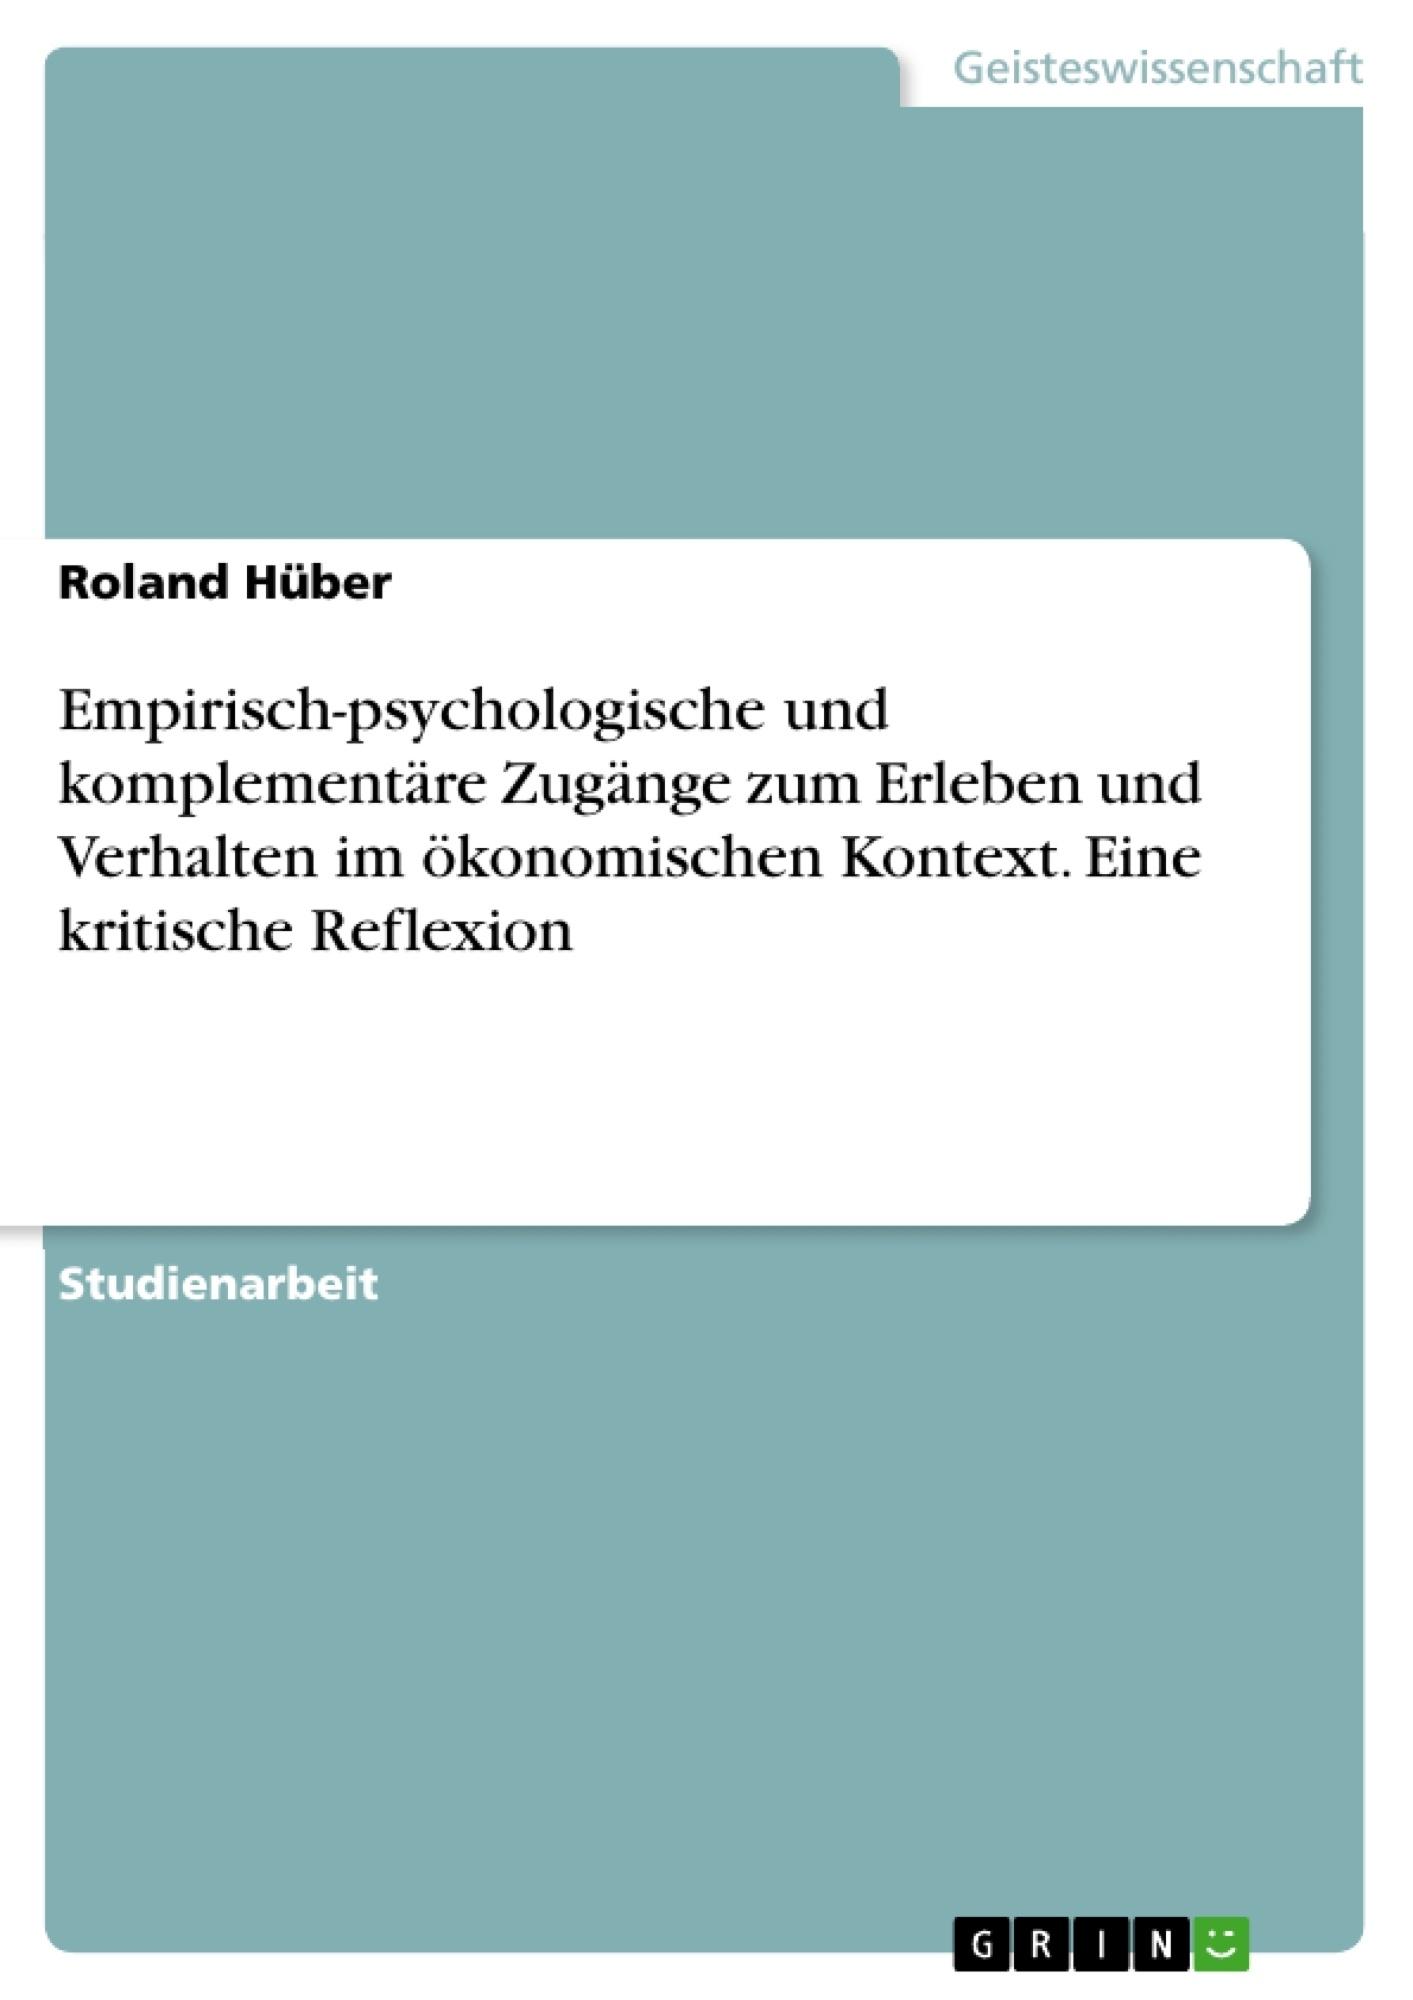 Titel: Empirisch-psychologische und komplementäre Zugänge zum Erleben und Verhalten im ökonomischen Kontext. Eine kritische Reflexion